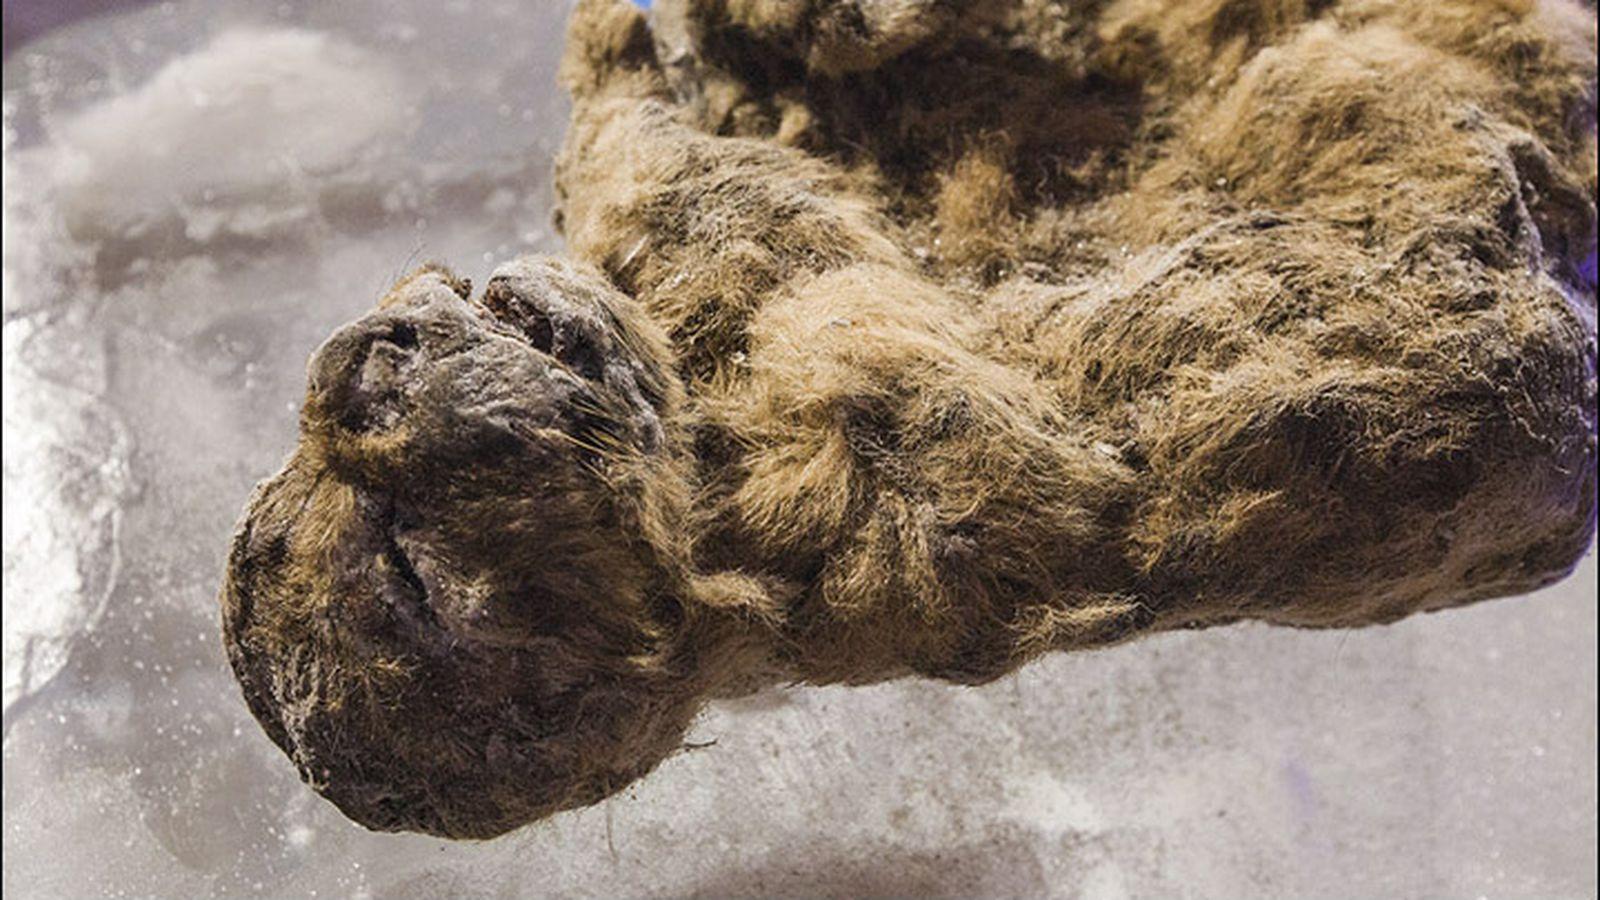 Extinct animals found frozen